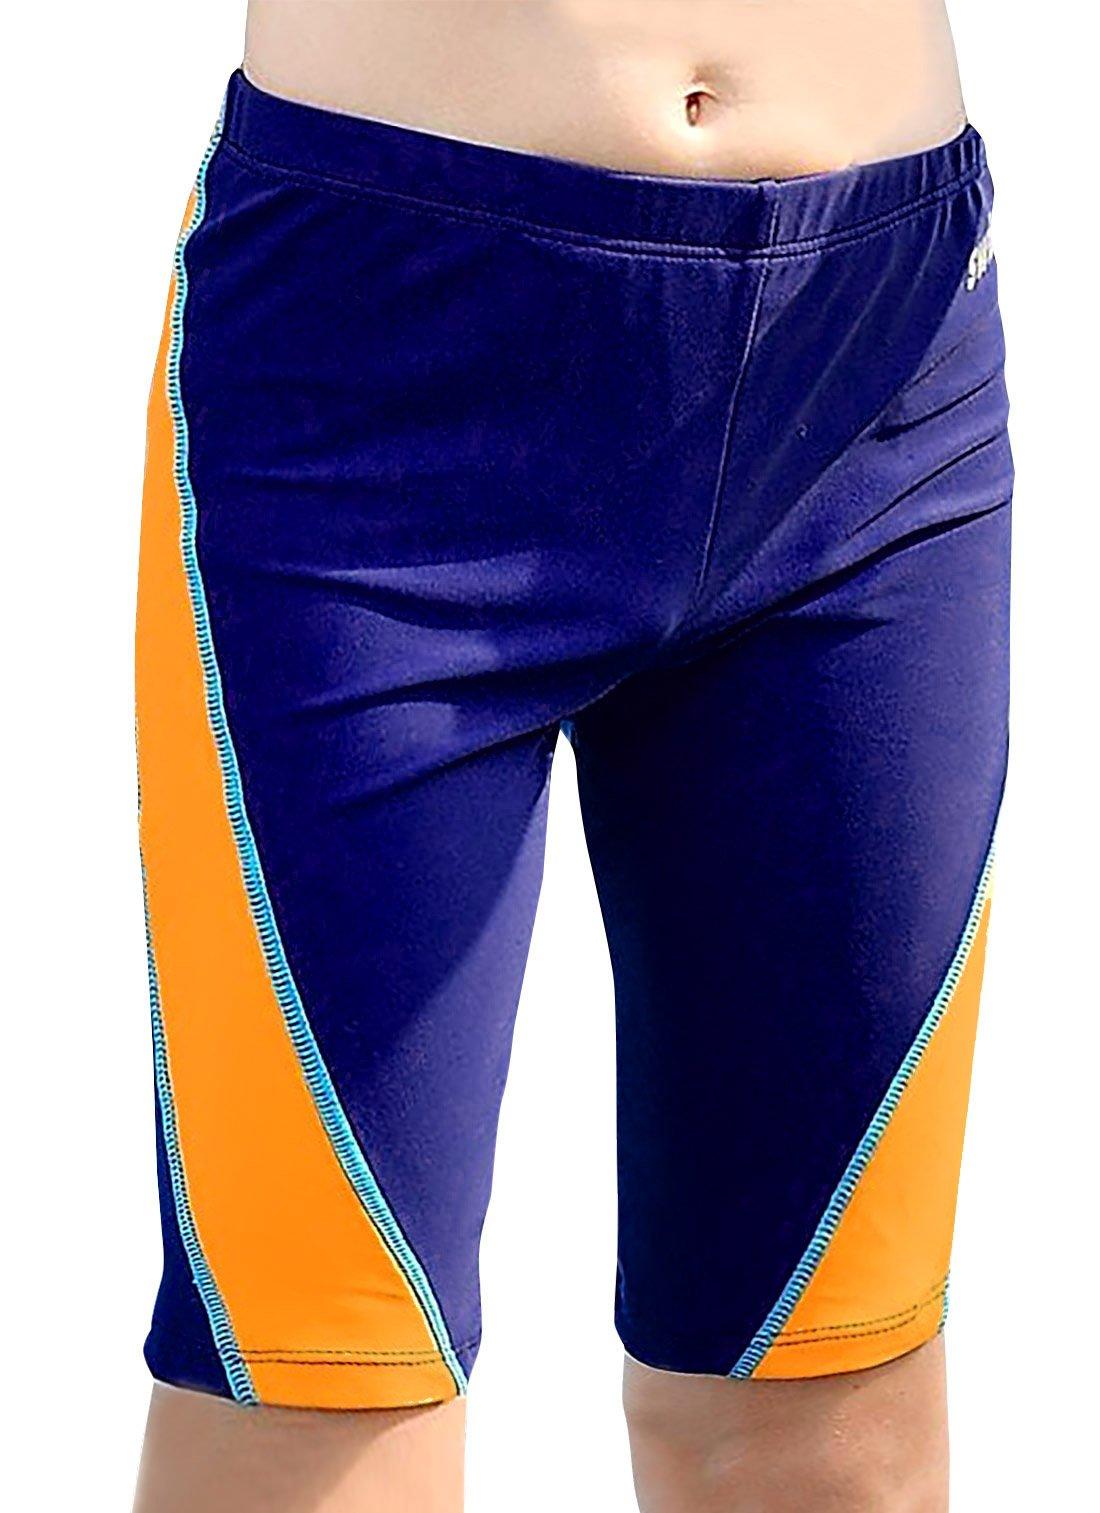 Aivtalk Big Boys Jammer Swimsuit Splice UPF 50 Drawstring Mesh Lined Elastic Waistband Durable Swimshorts 10-12T Blue